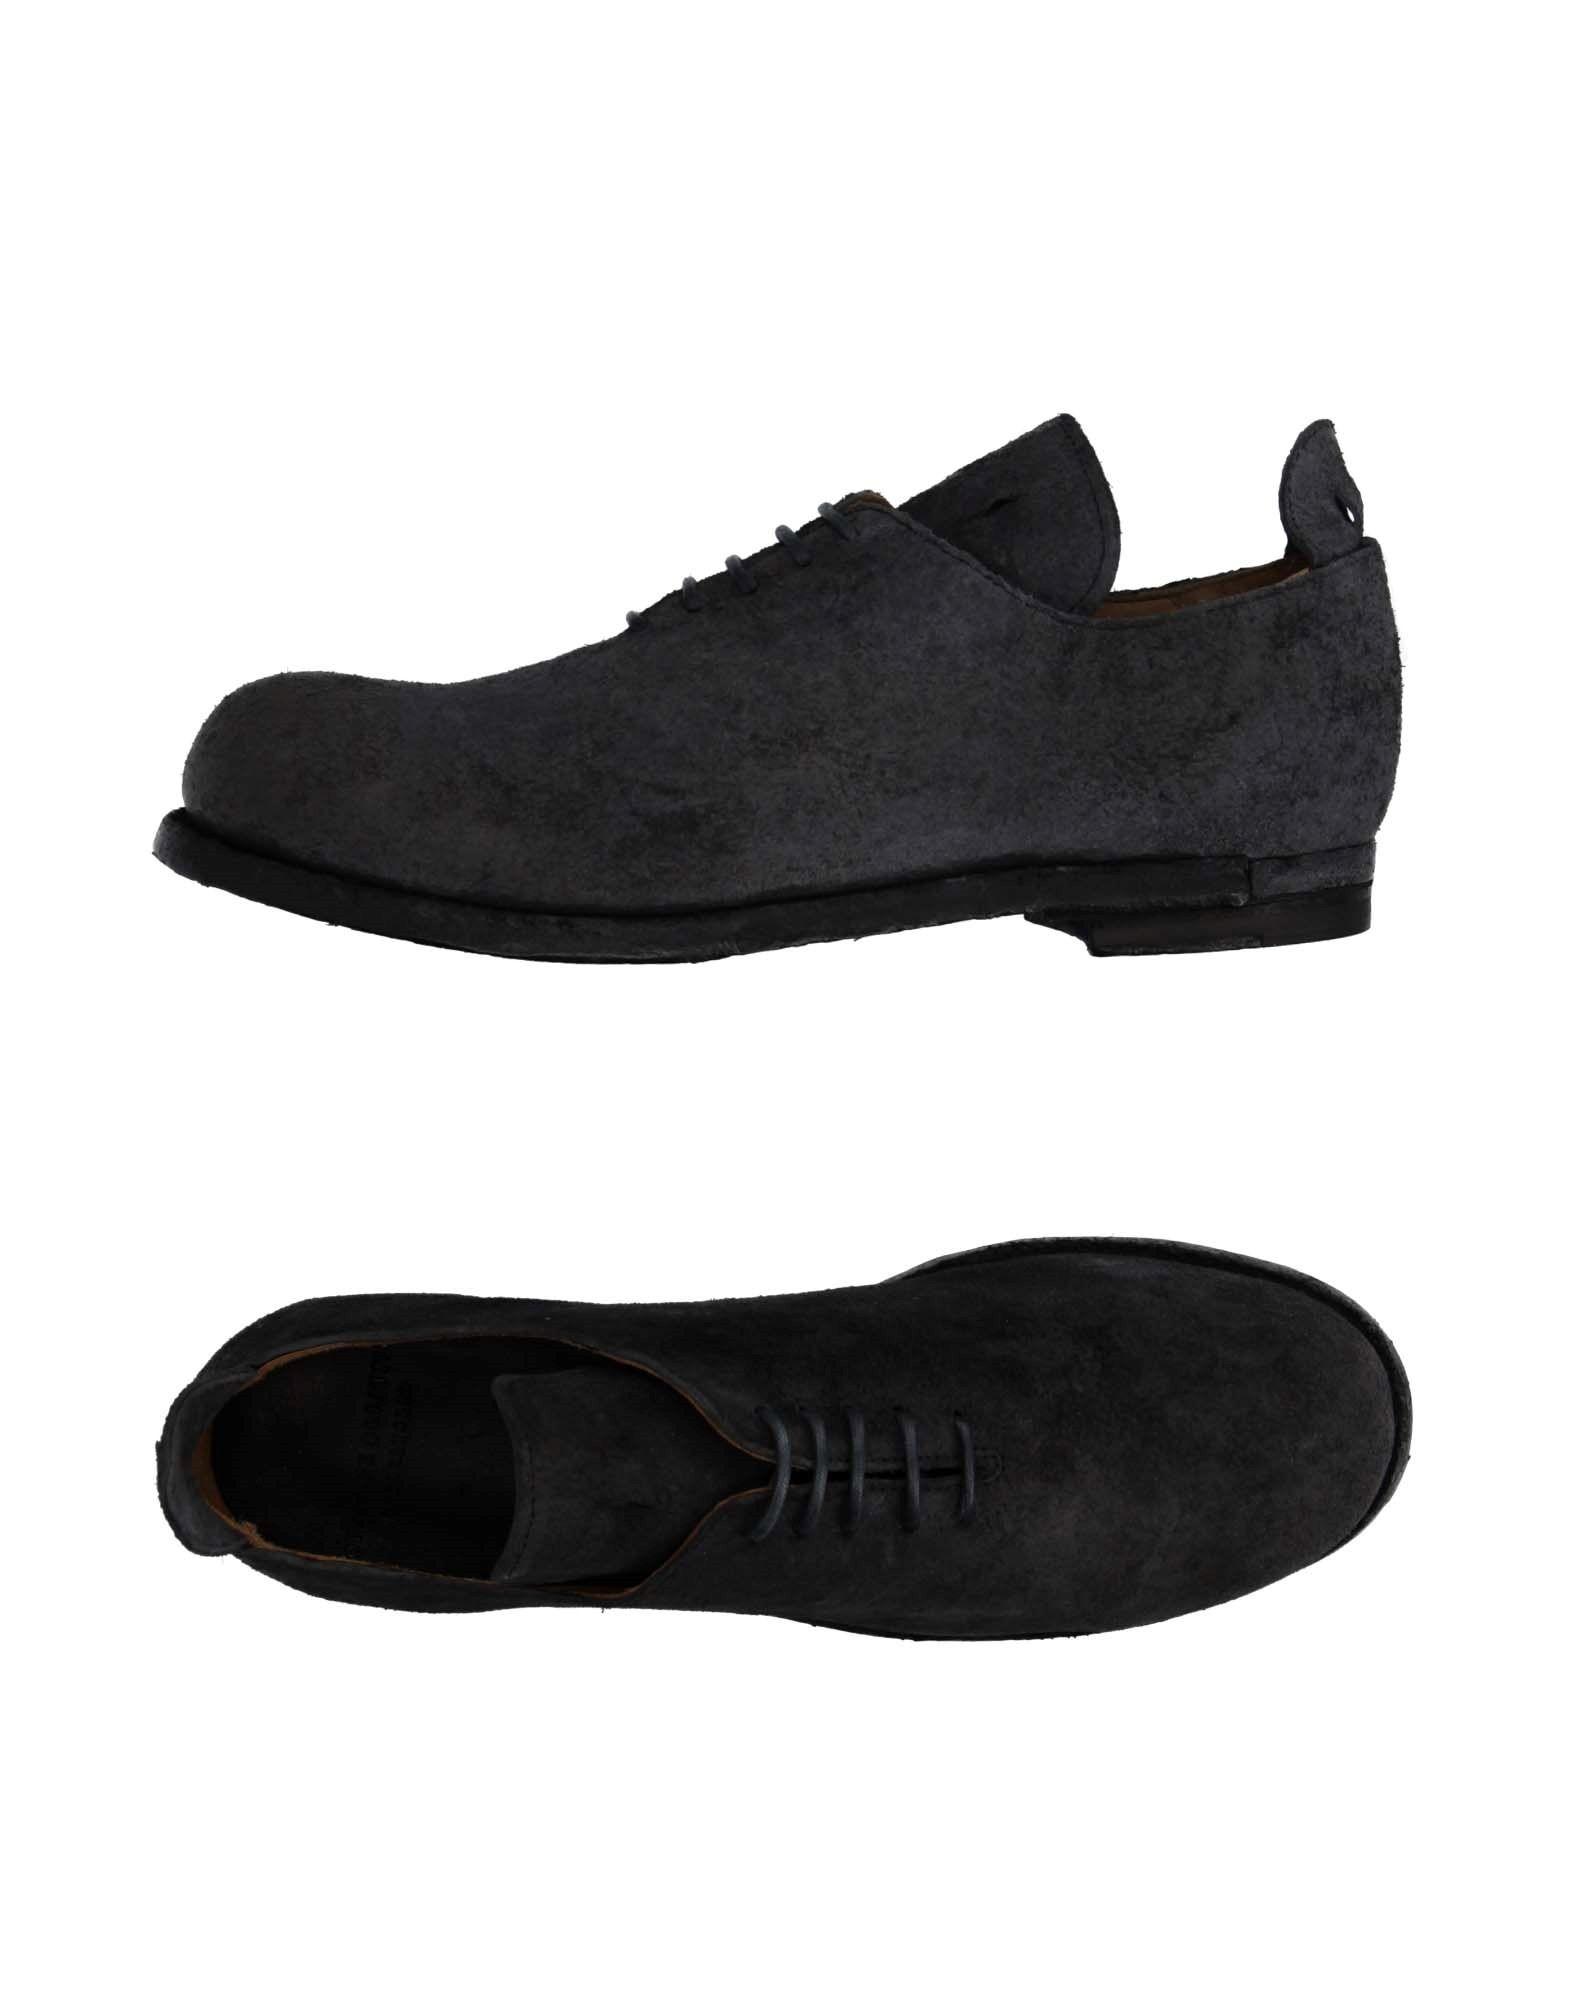 Los últimos zapatos de descuento para hombres y y hombres mujeres Zapato De Cordones Officine Creative Italia Mujer - Zapatos De Cordones Officine Creative Italia  Gris marengo 54eea0